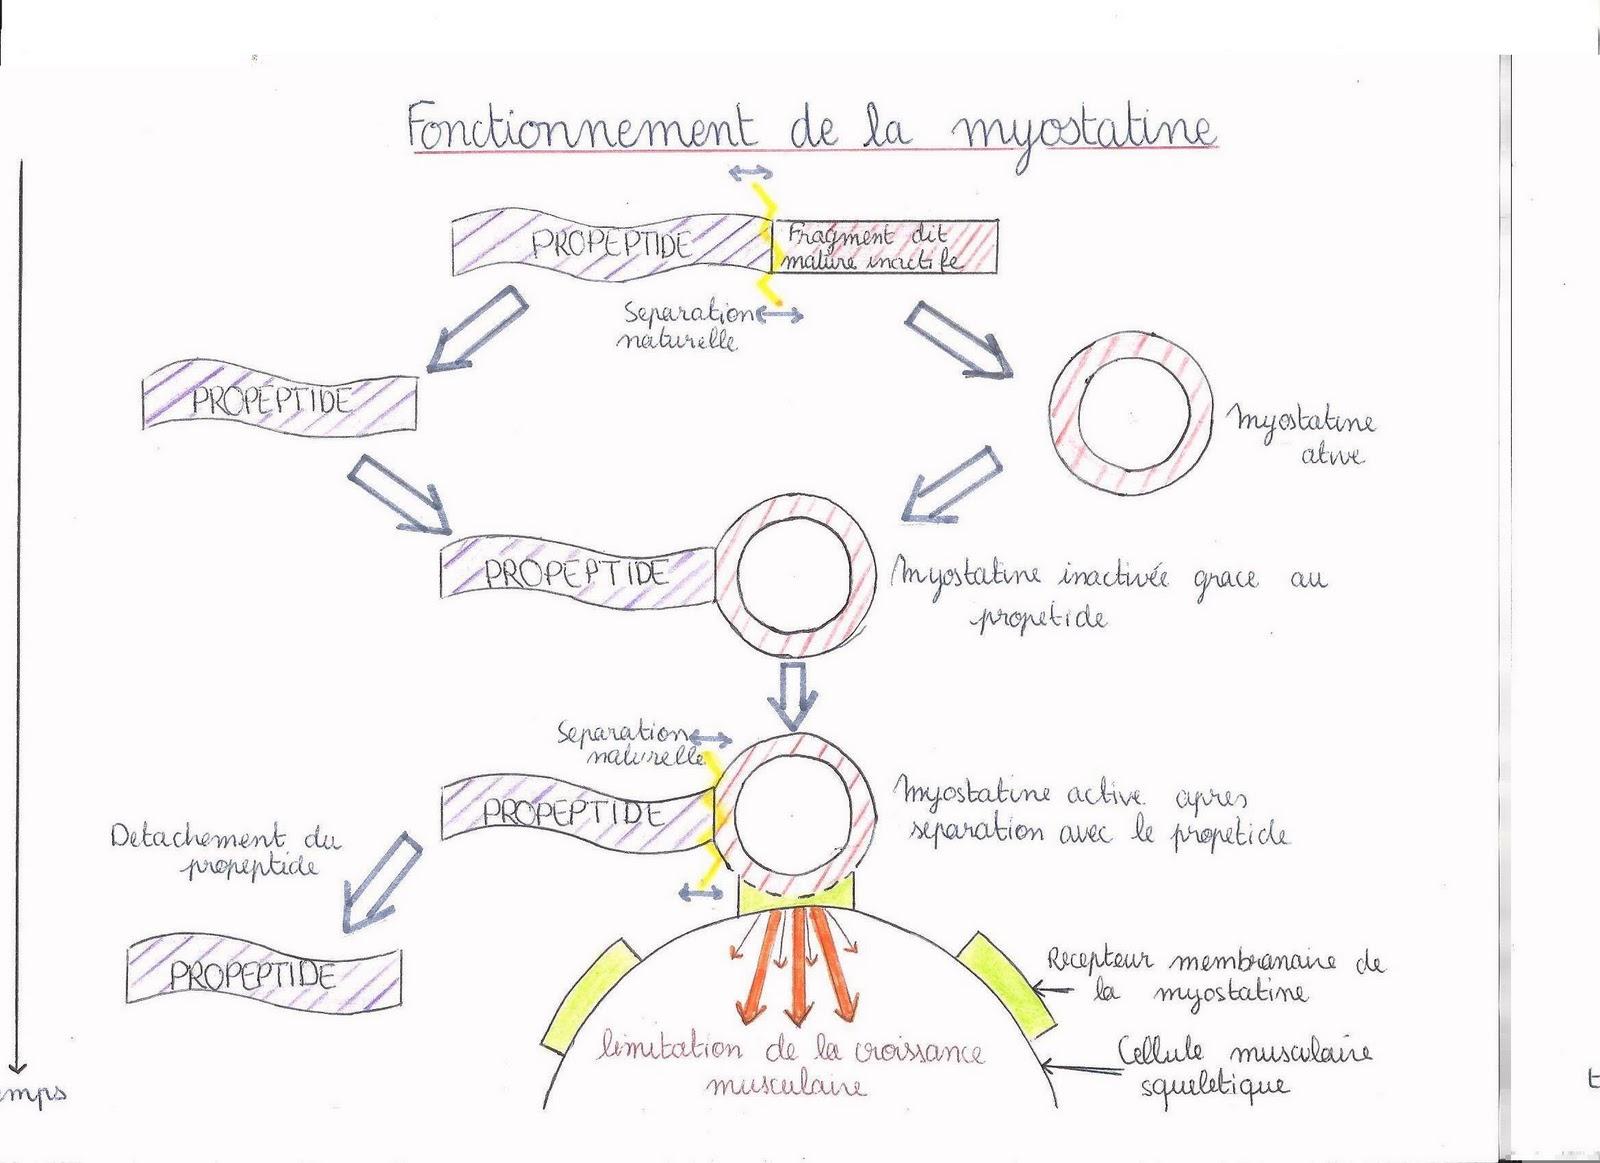 la myostatine et ses inhibiteurs - Descriptions - Forum ...